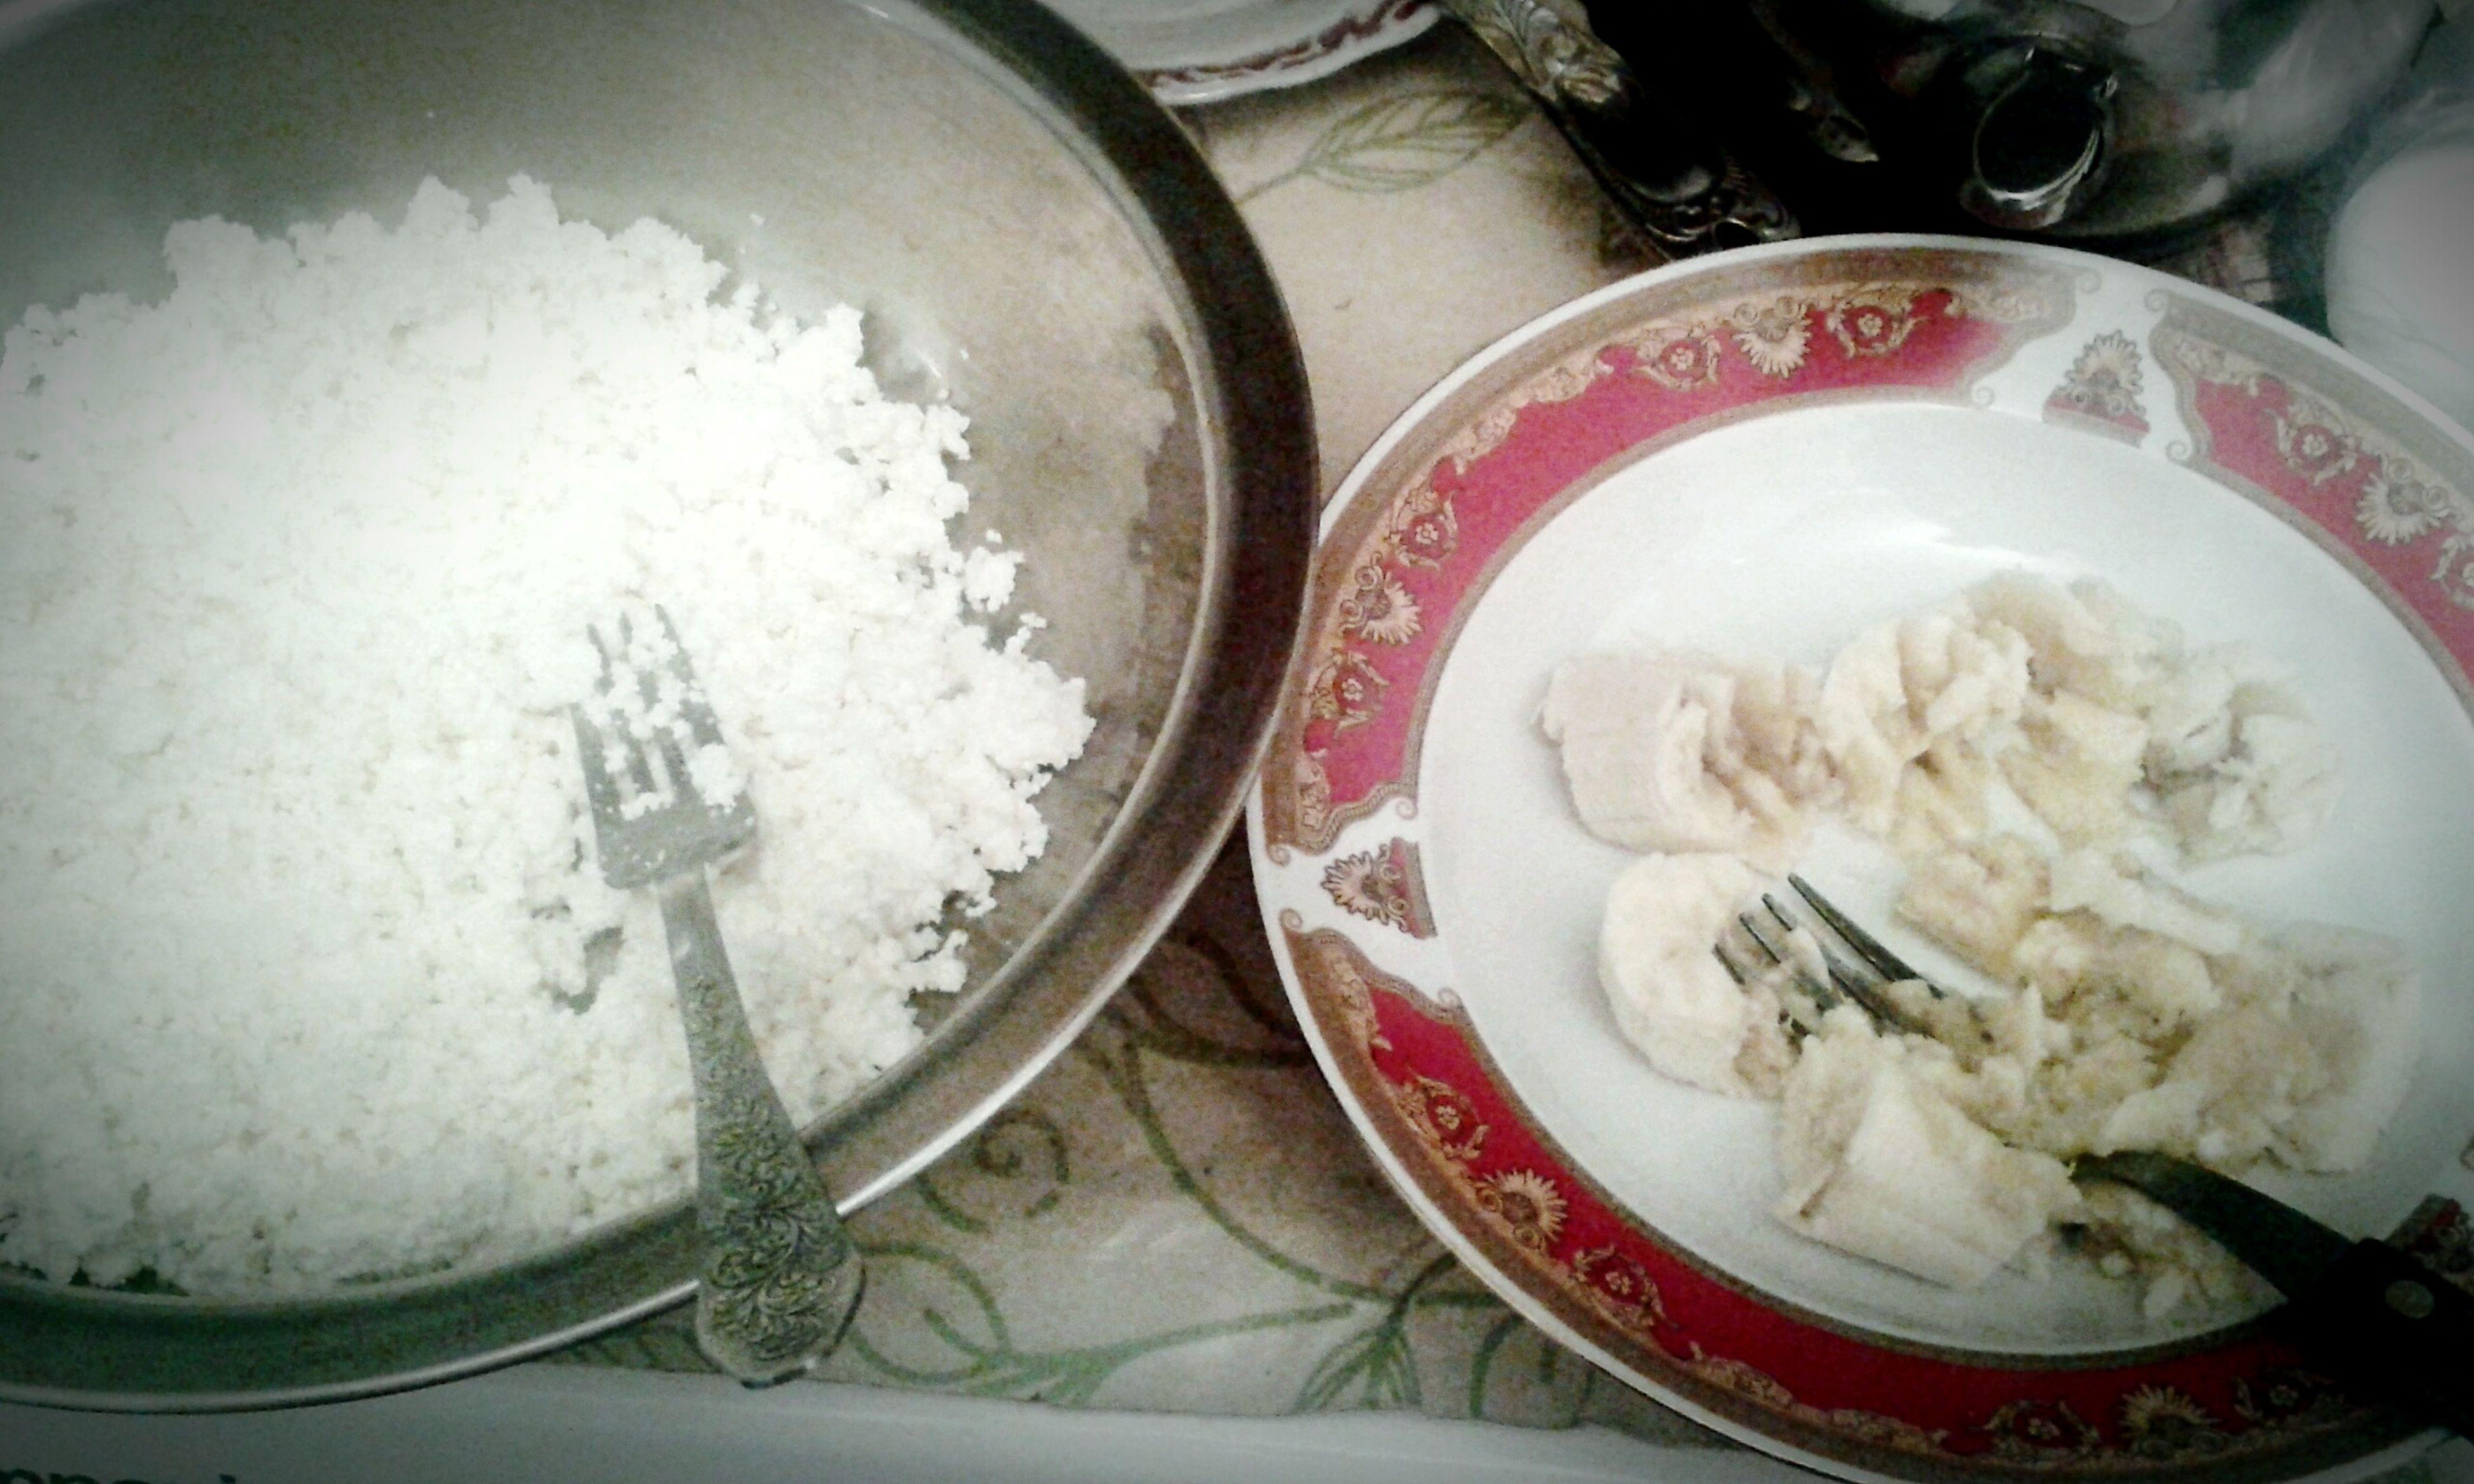 Cooking health food )))) в процессе полезной еды